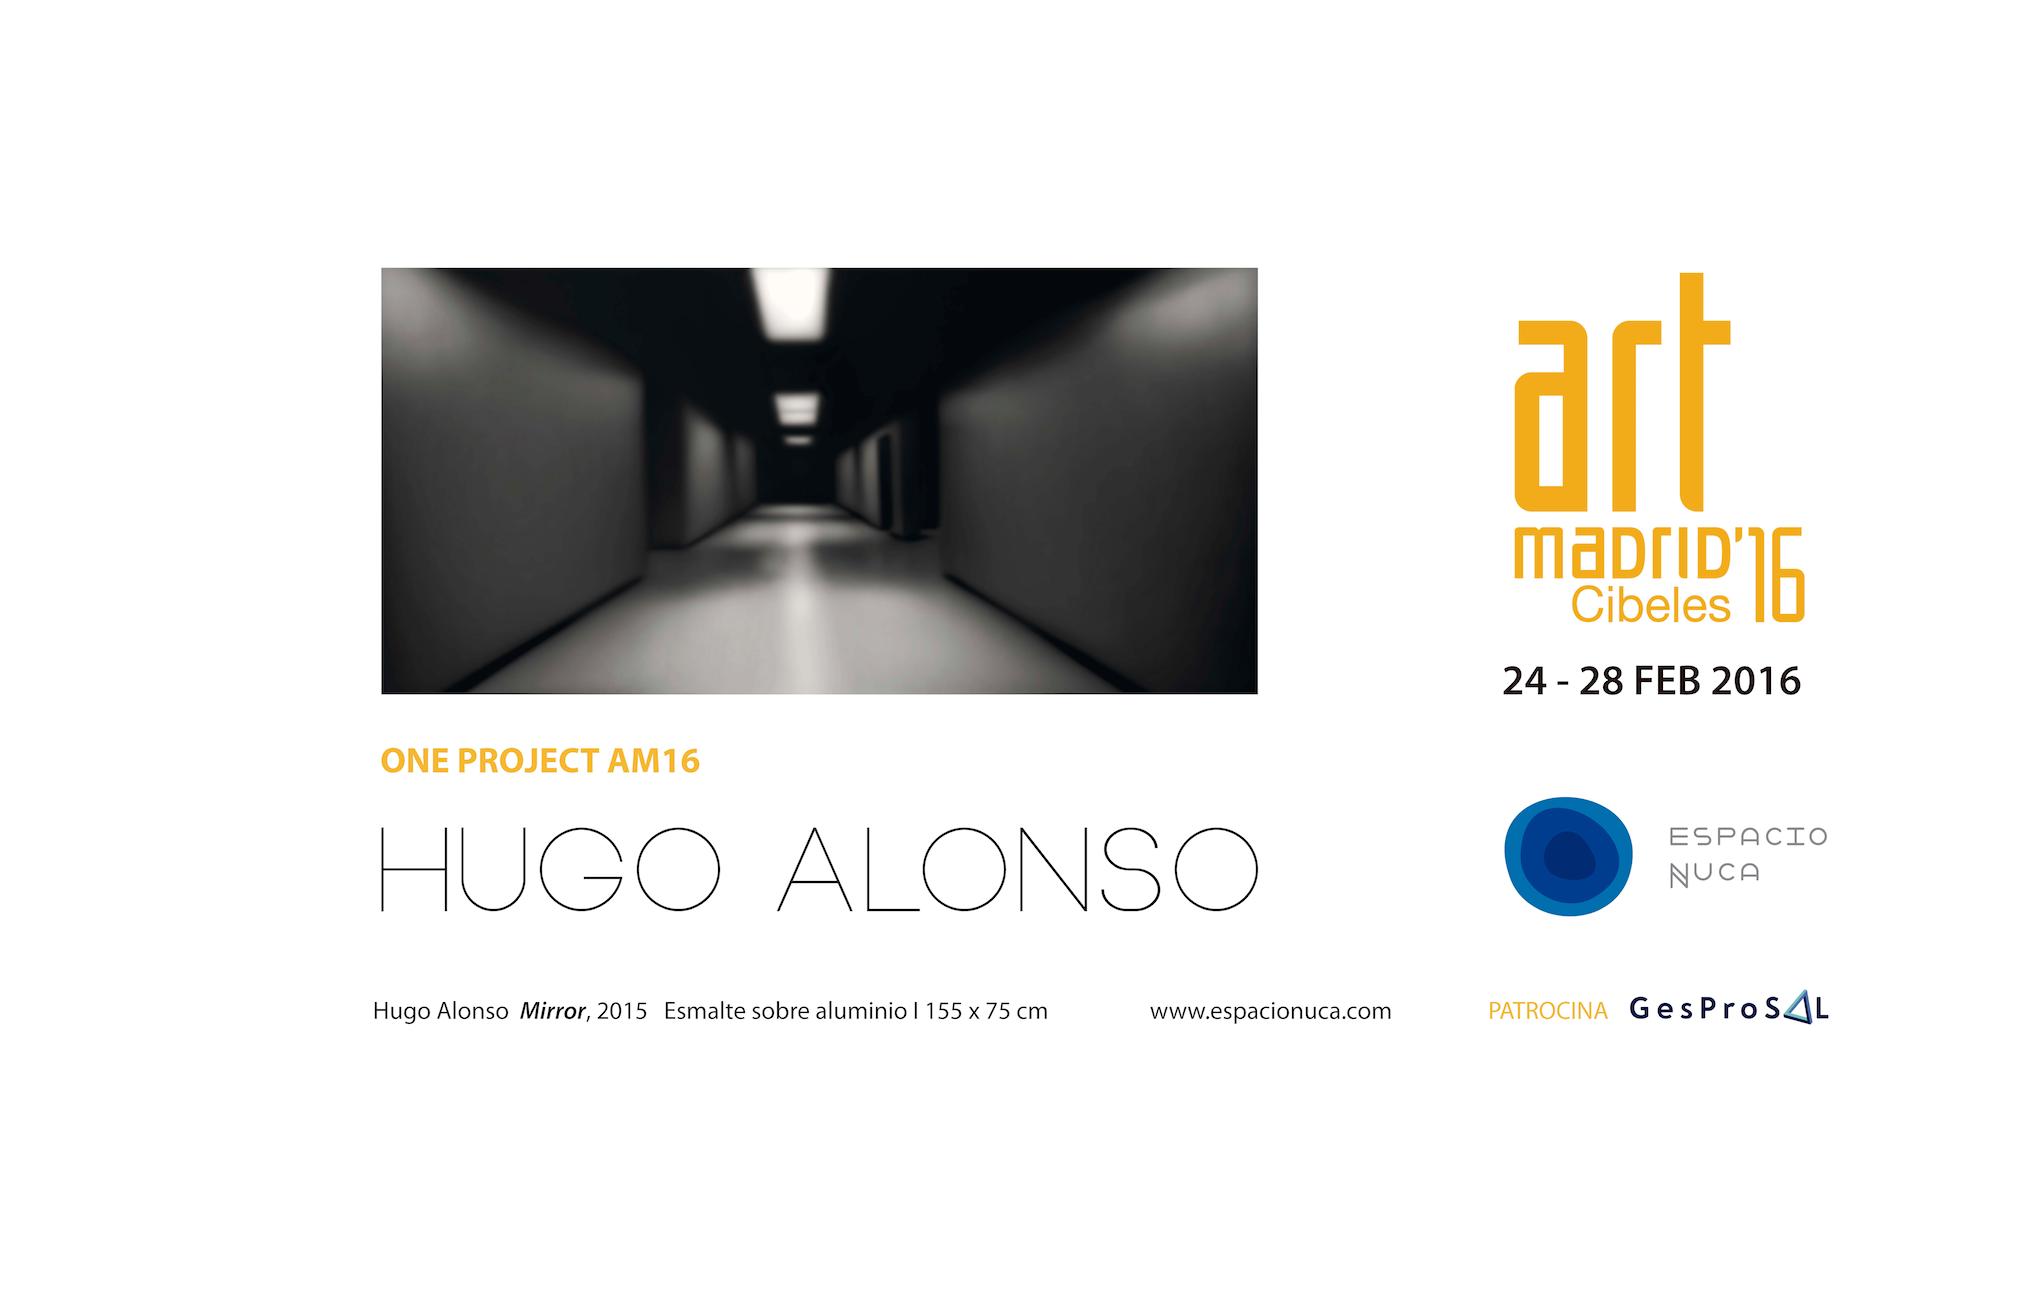 Hugo Alonso Nuca Espacio Nuca Eduardo Nuca ferias exposiciones eventos exhibiciones galería arte artístico artistas conceptual